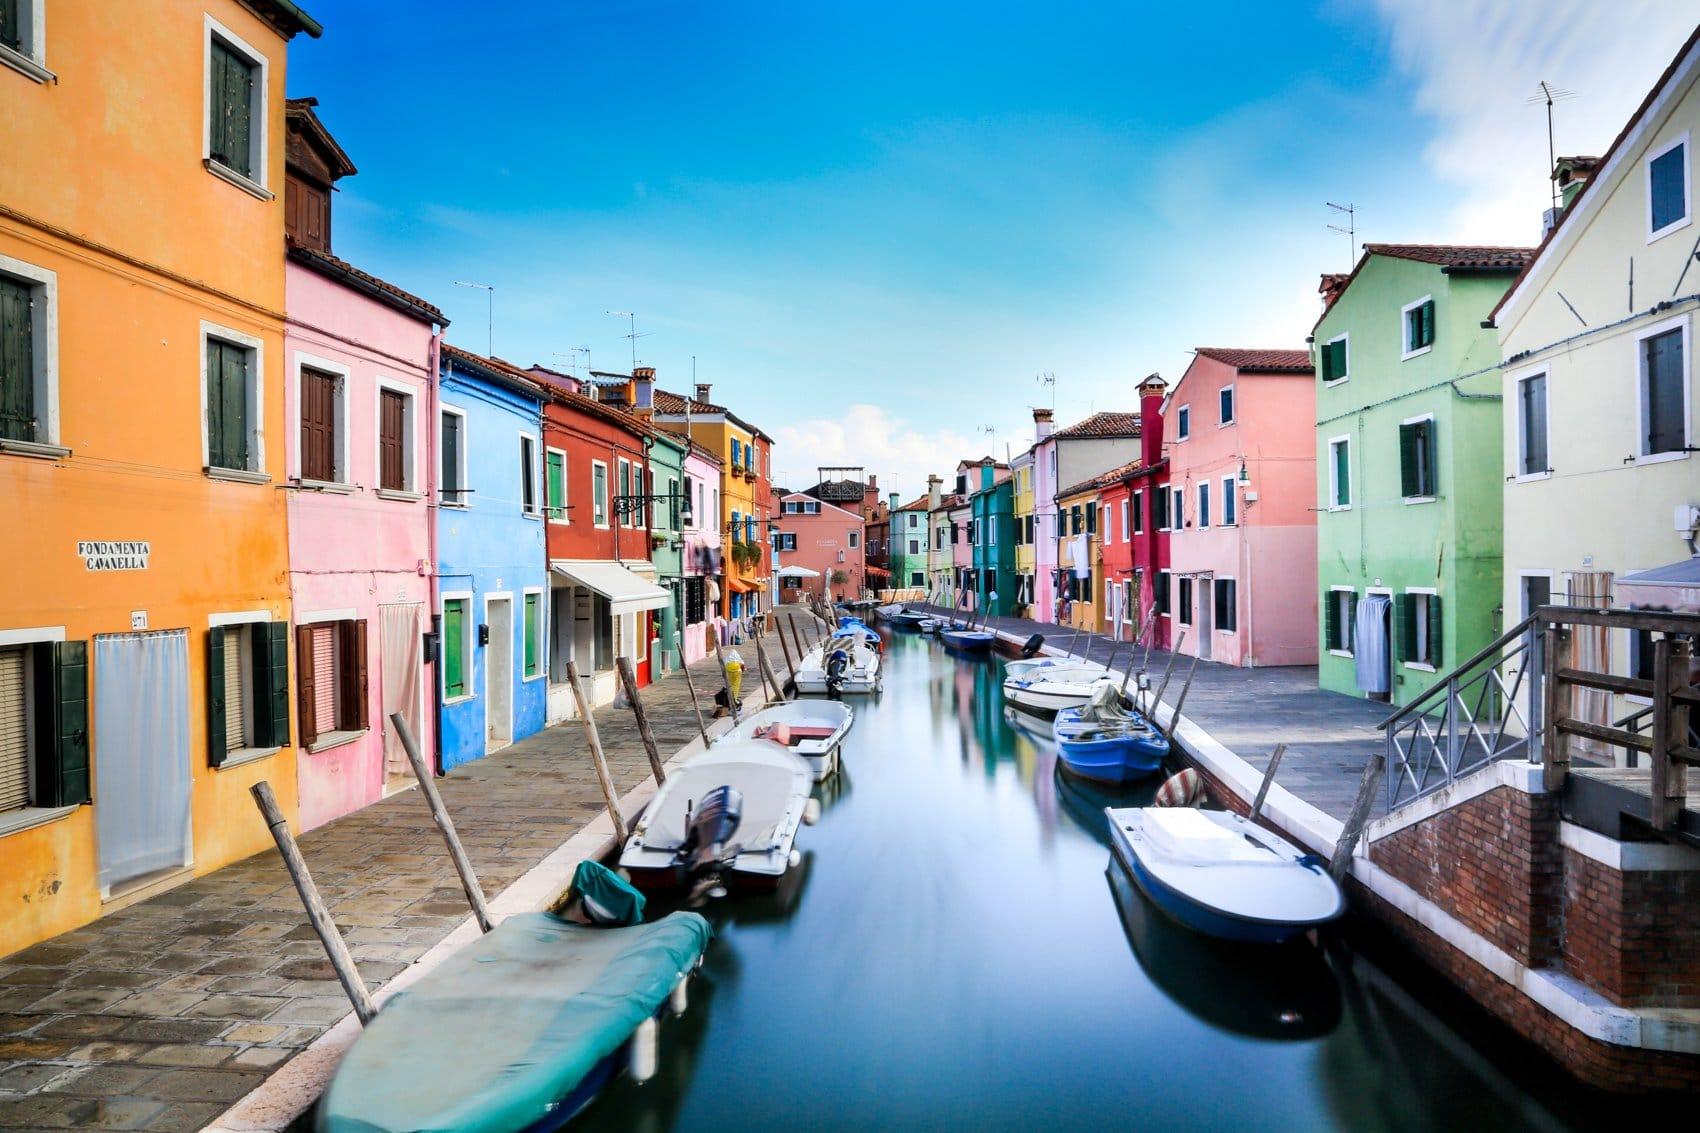 Hier vind je de mooiste plekken in Italië!